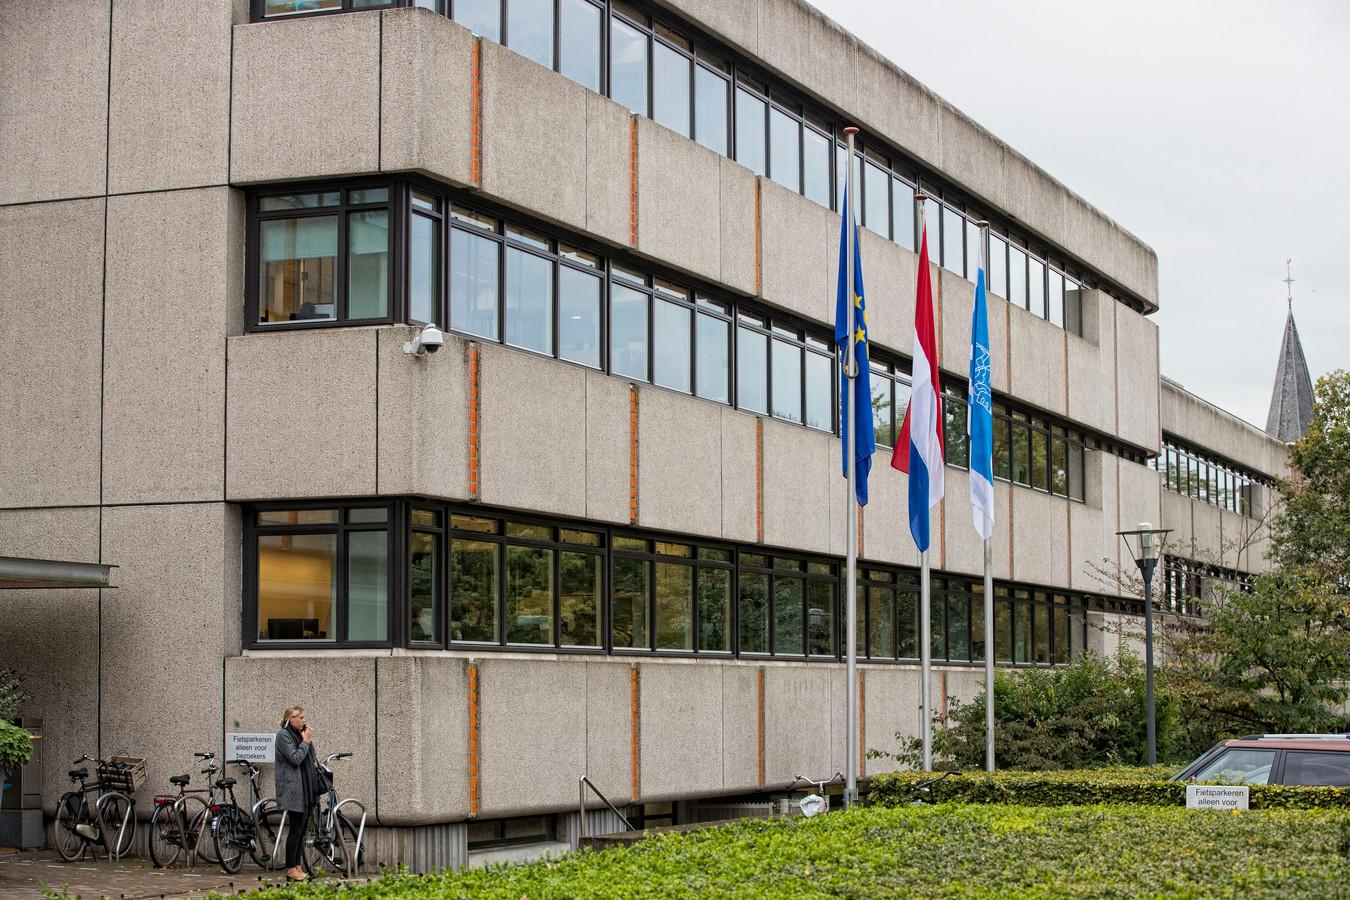 Het gemeentehuis van Ede.